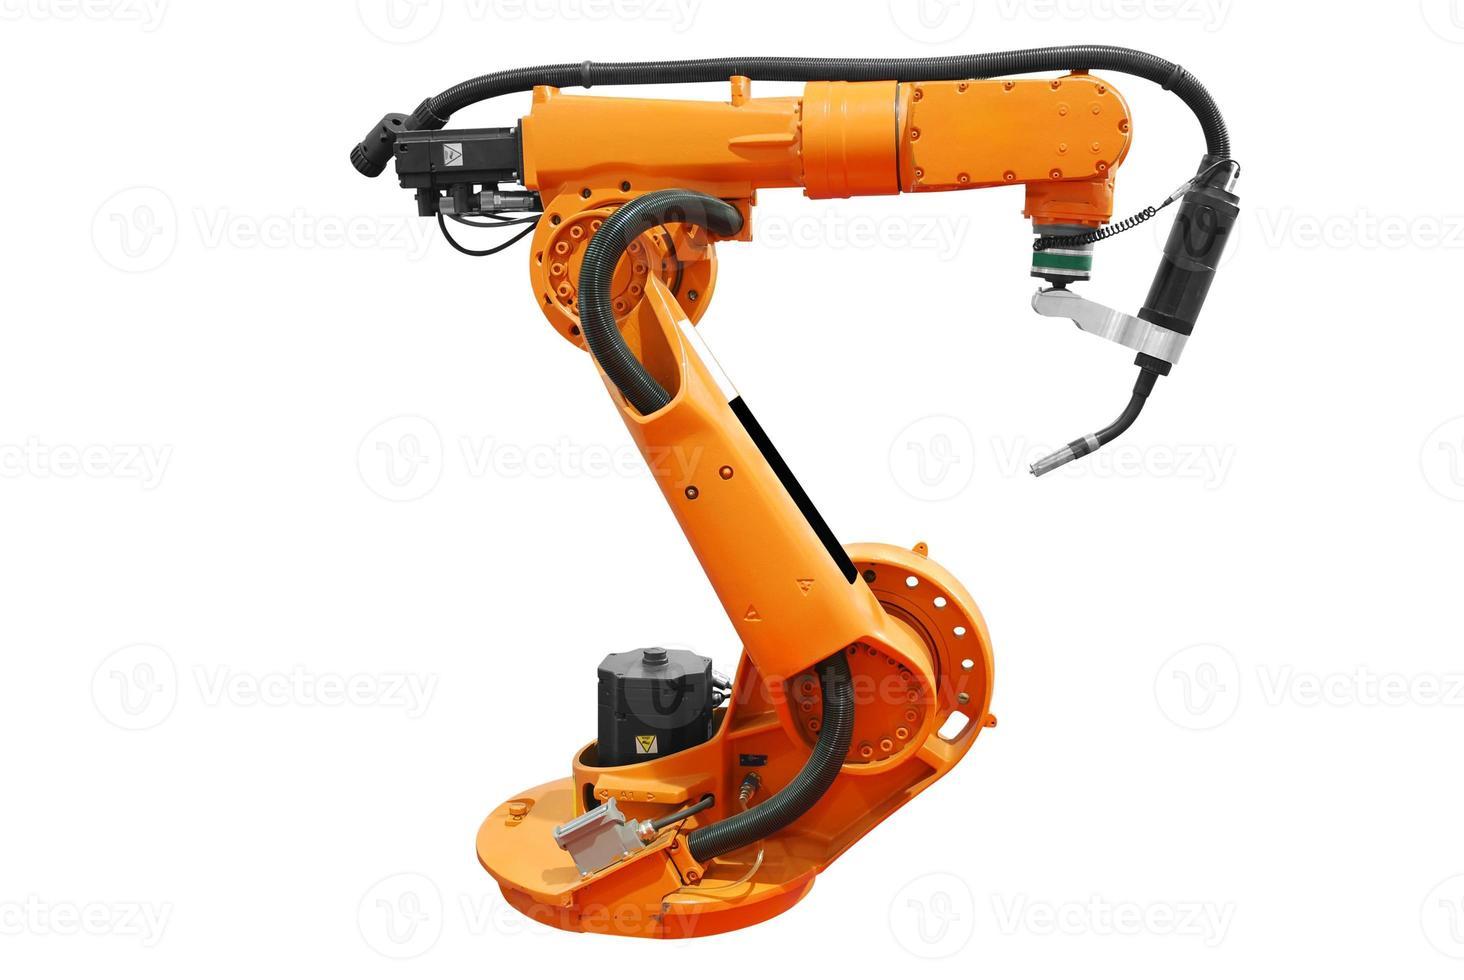 bras de machine robotique industrielle orange photo